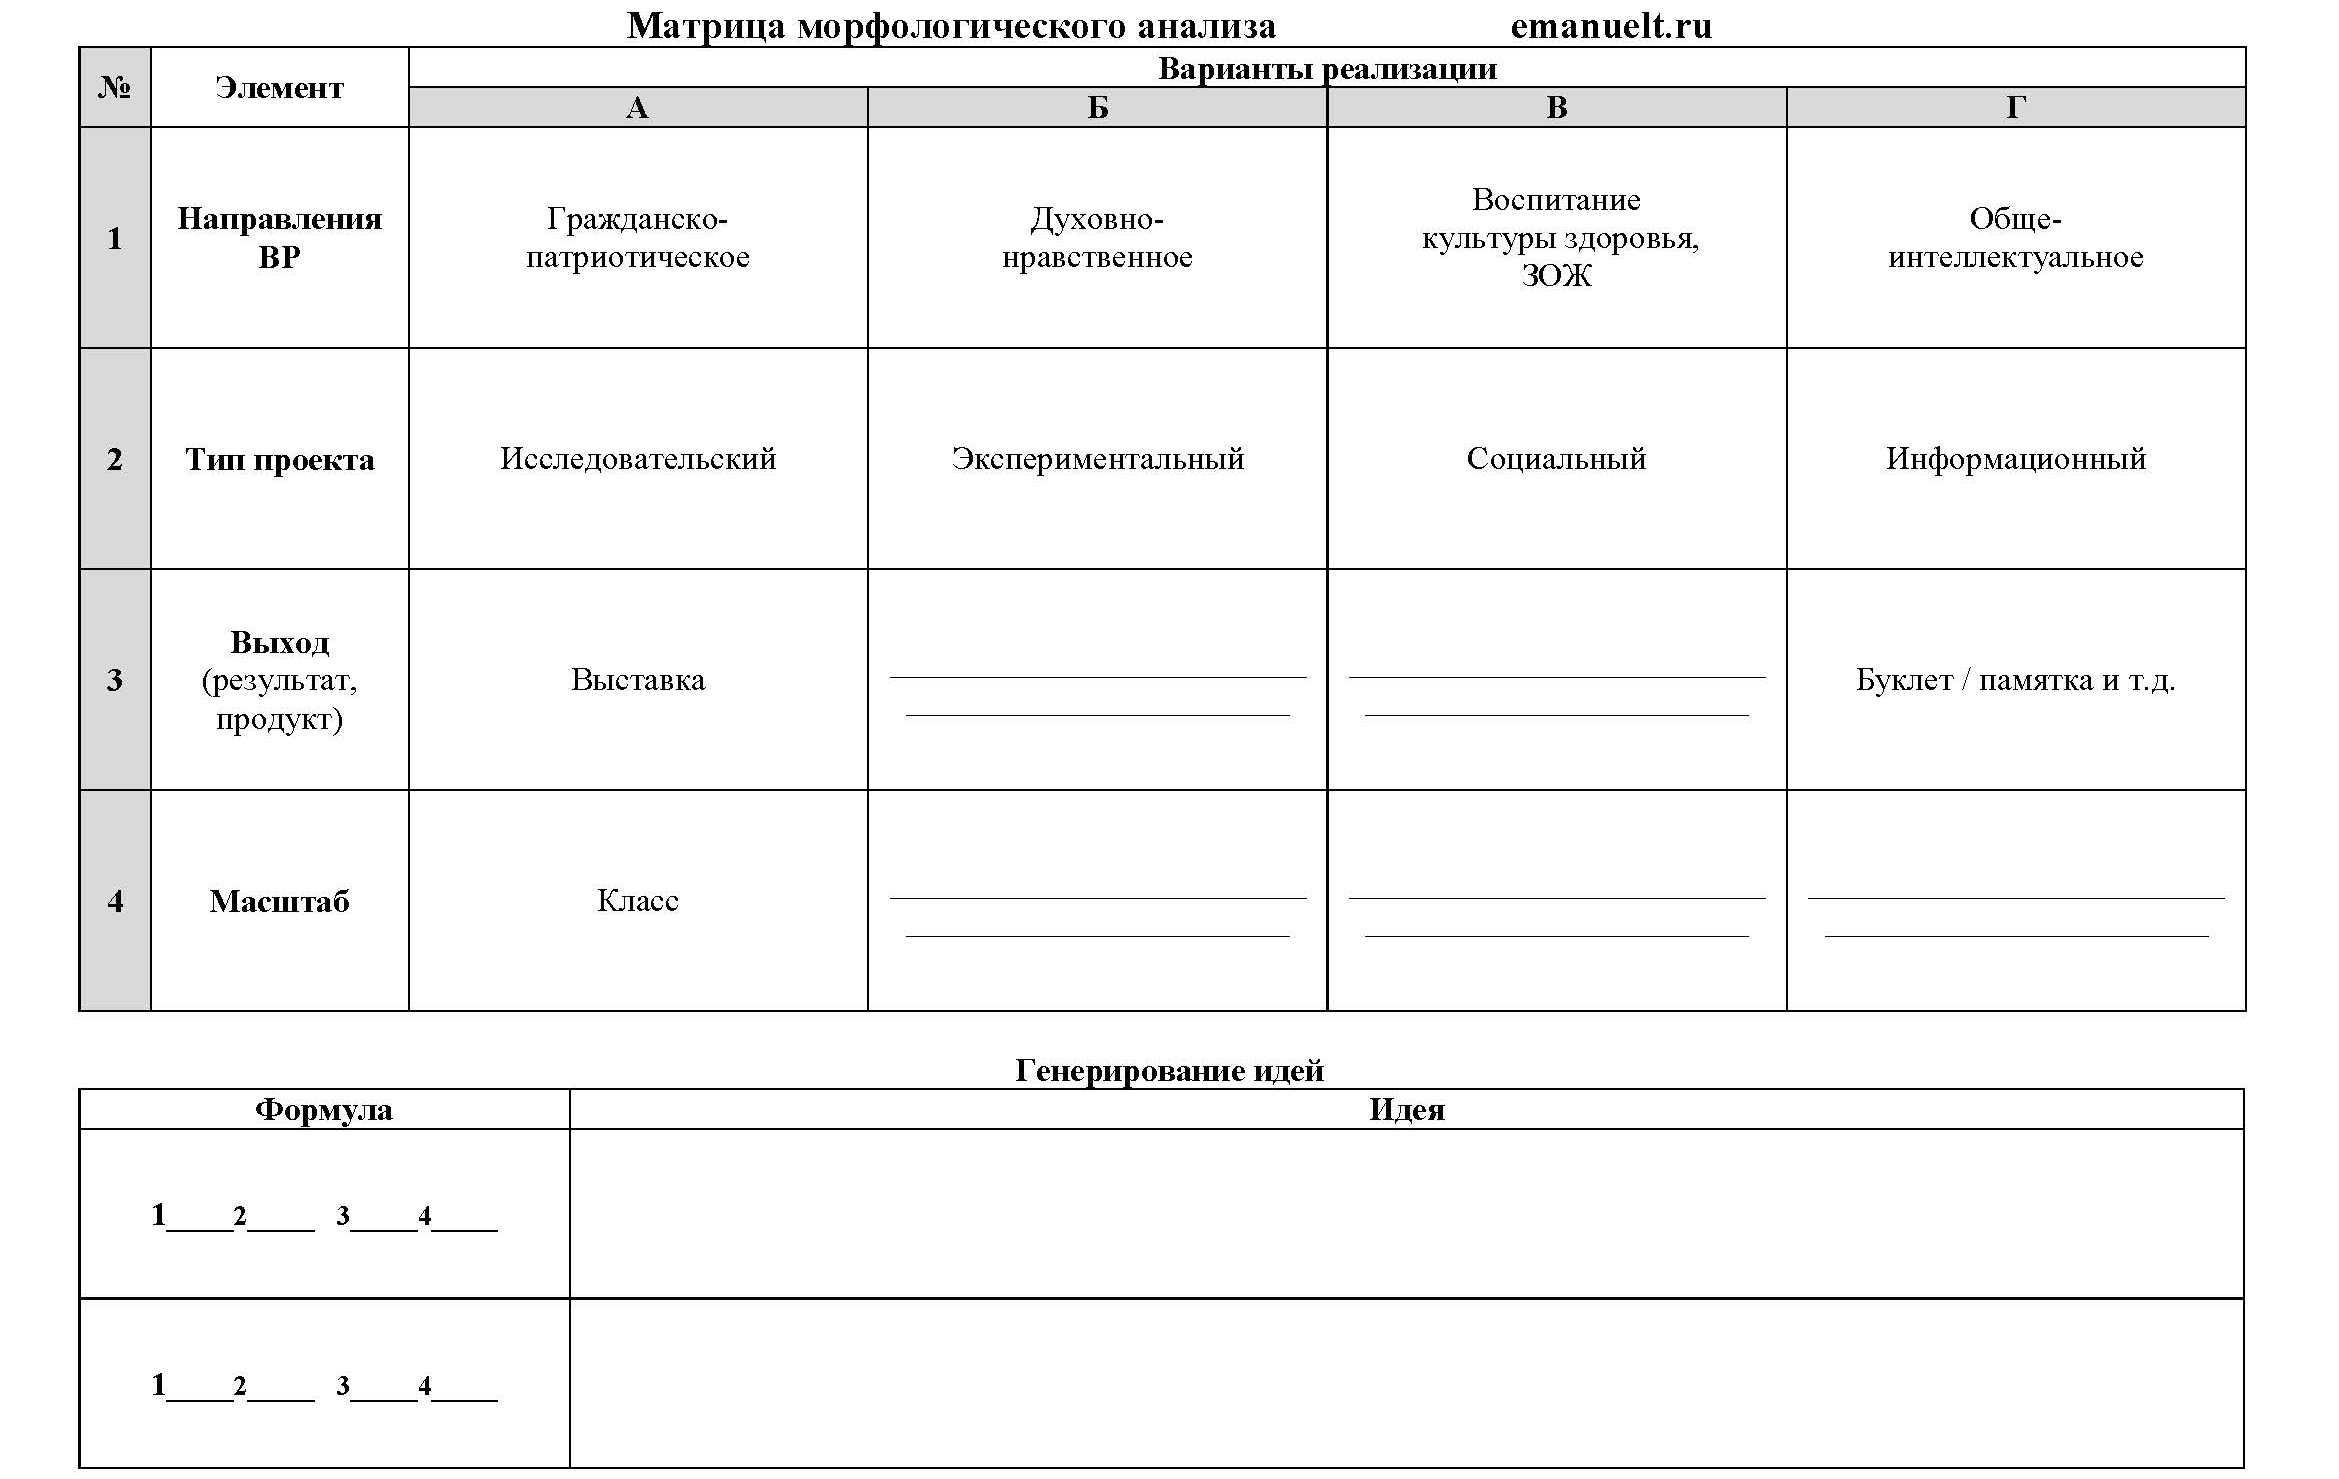 Матрица морфологического анализа на сайт._Страница_01